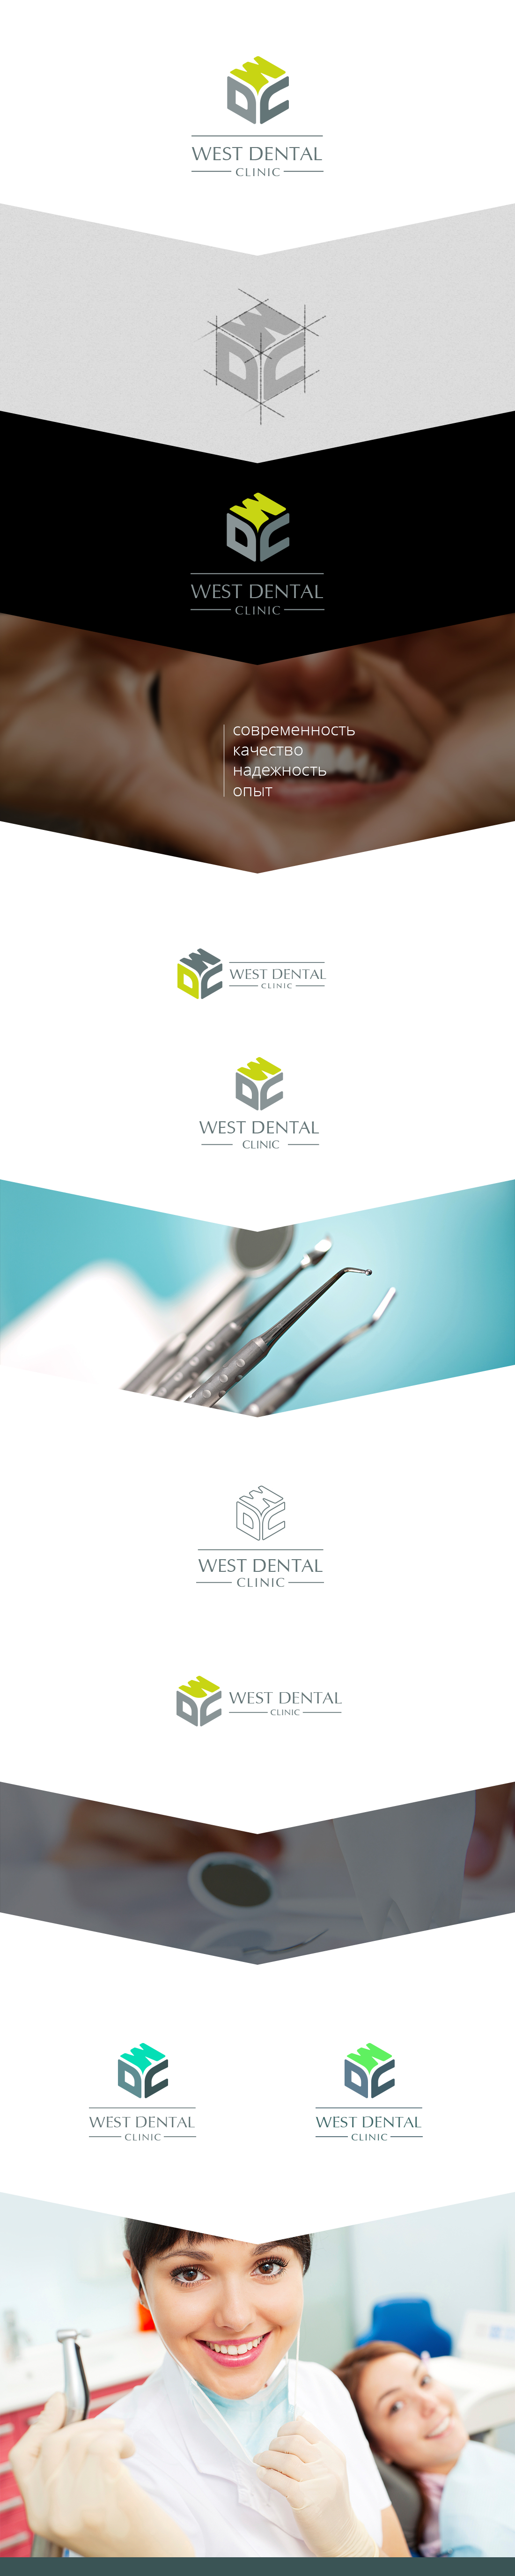 West Dental - стоматологическая поликлиника